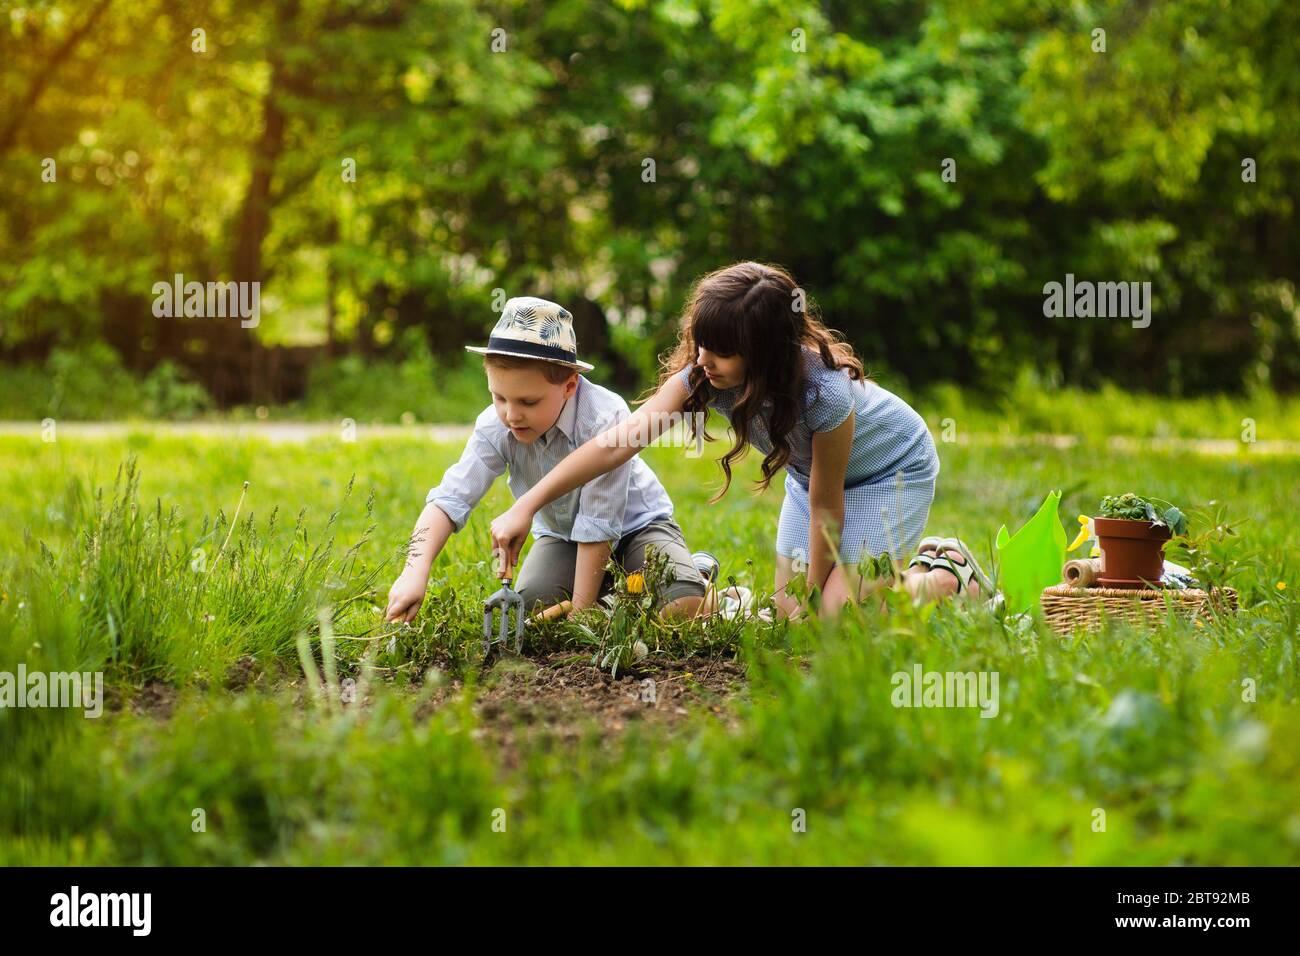 Joven niña y joven jardinero de niño de la planta flores en el jardín de verano al atardecer. Actividades de verano. Foto de stock